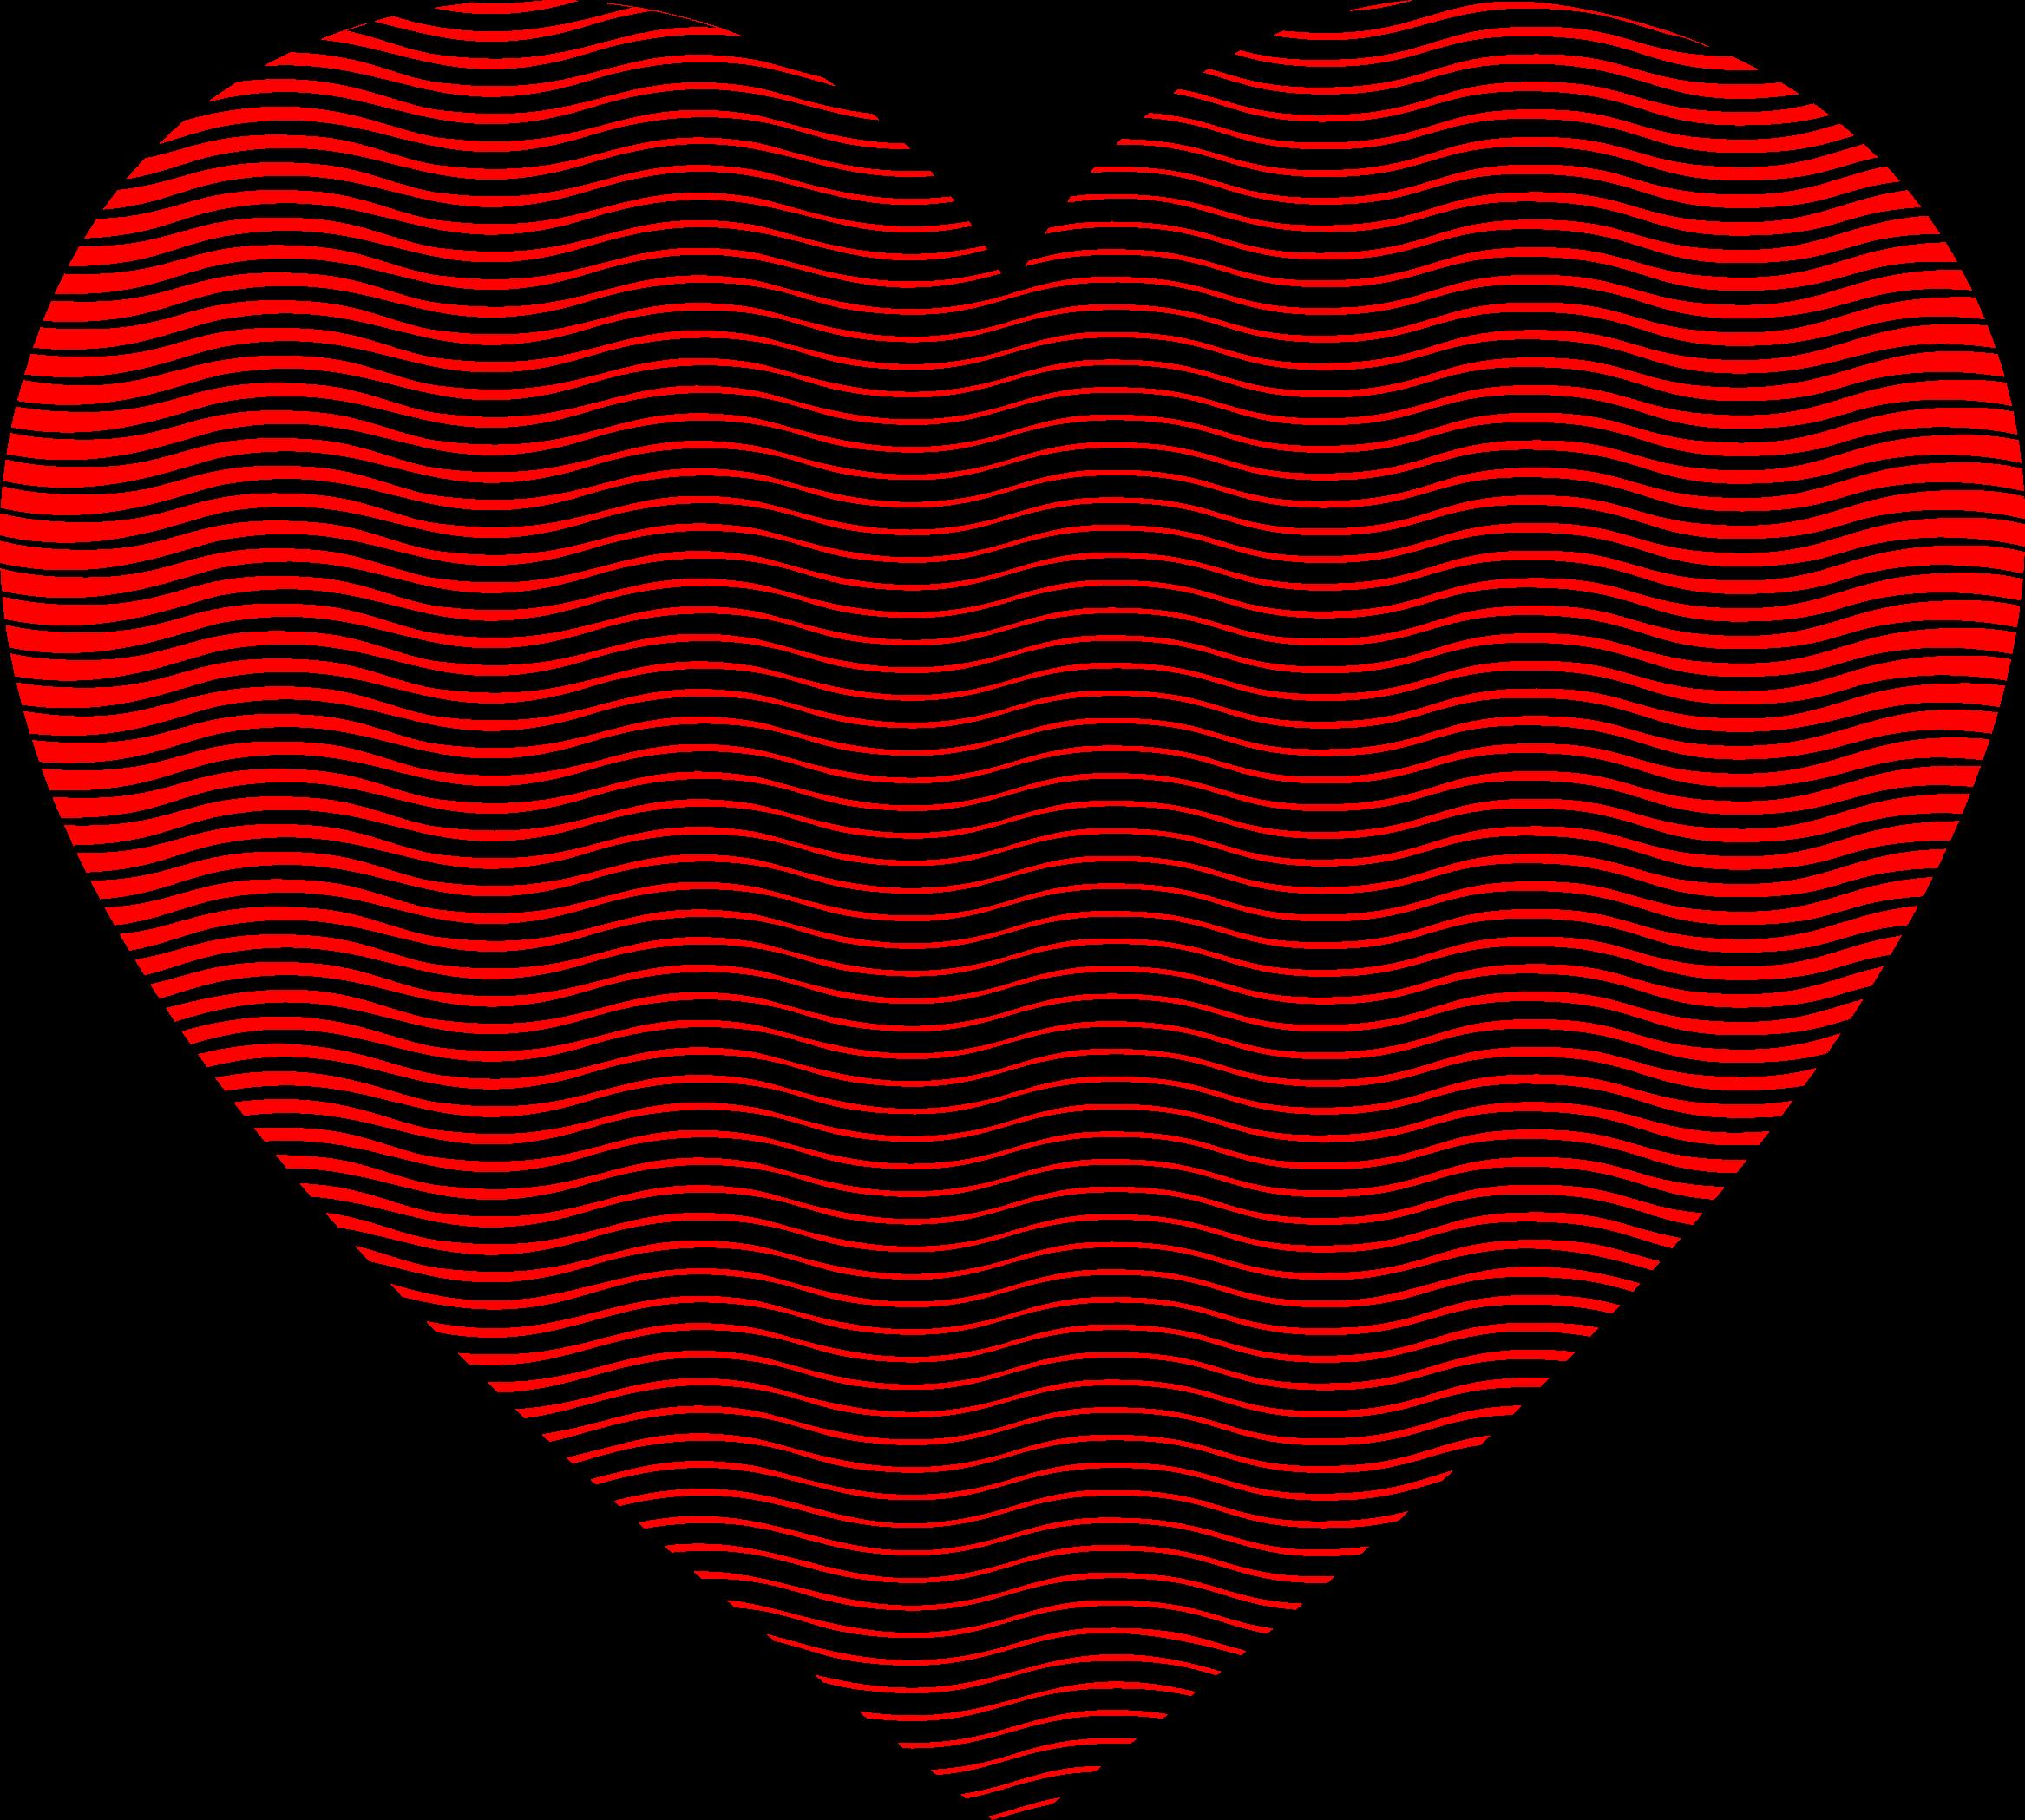 Heart line clipart jpg stock Clipart - Wavy Heart Line Art 2 jpg stock